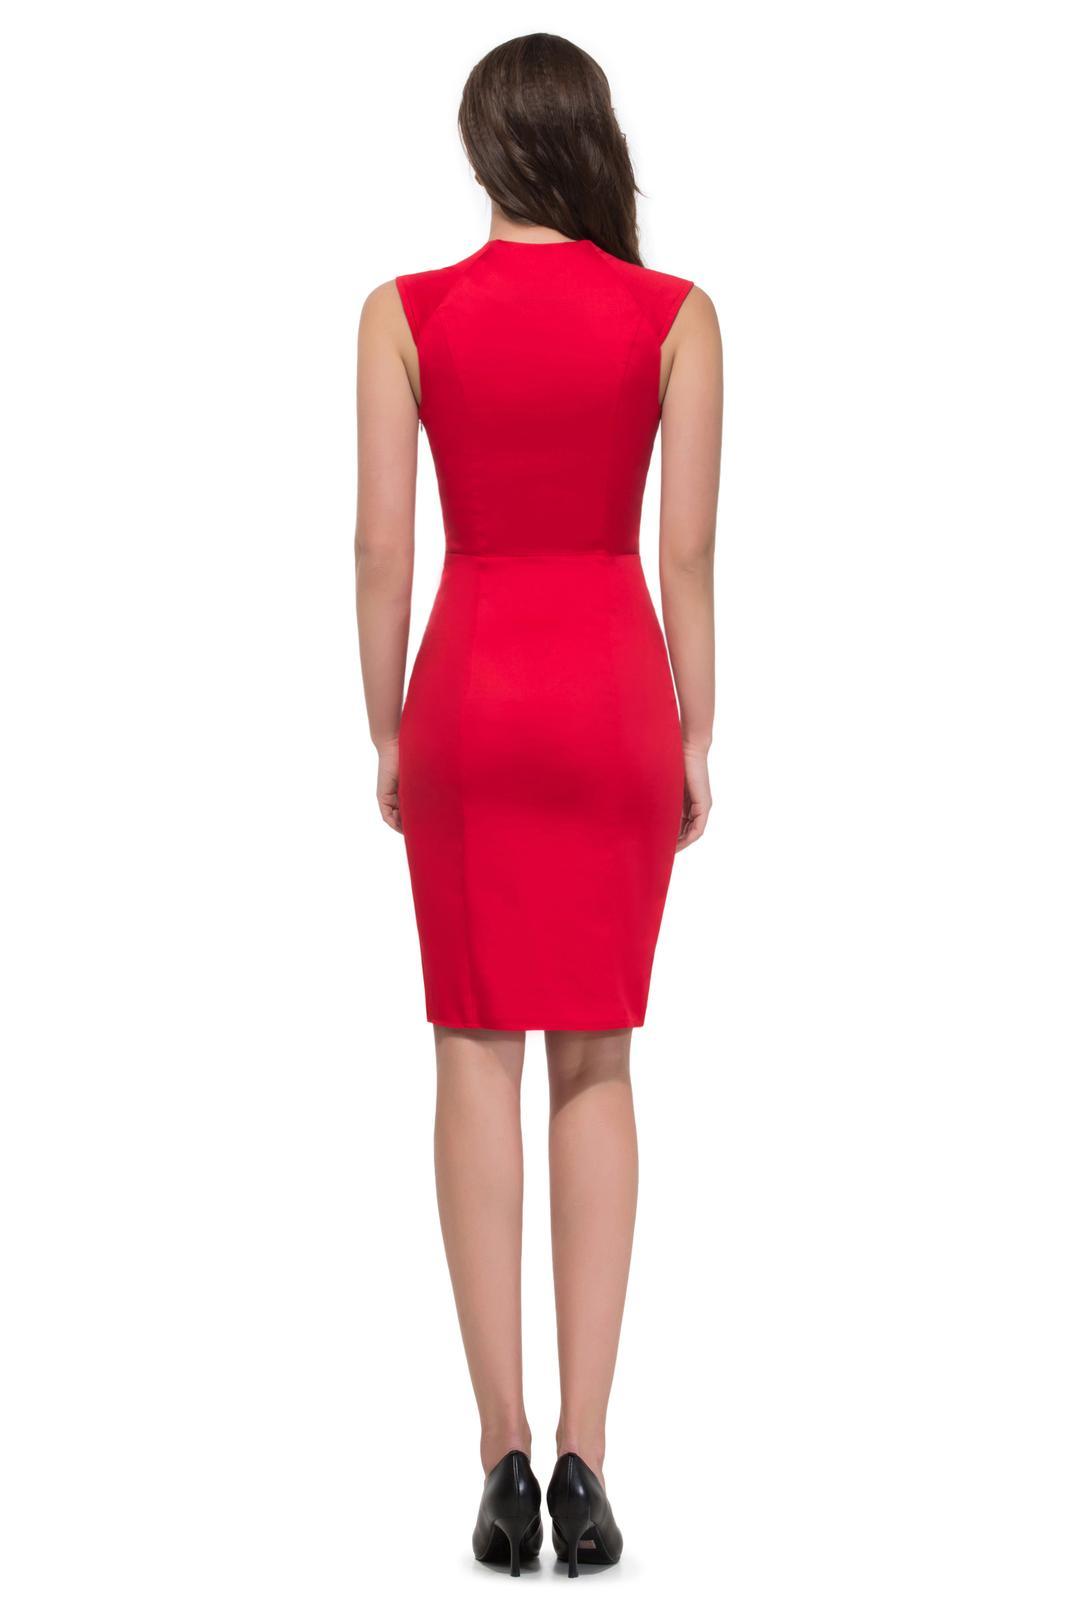 Retro šaty - Úzke červené retro šaty SKLADOM: http://salonevamaria.sk/index.php?id_category=27&controller=category NA OBJEDNÁVKU: http://salonevamaria.sk/index.php?id_category=10&controller=category